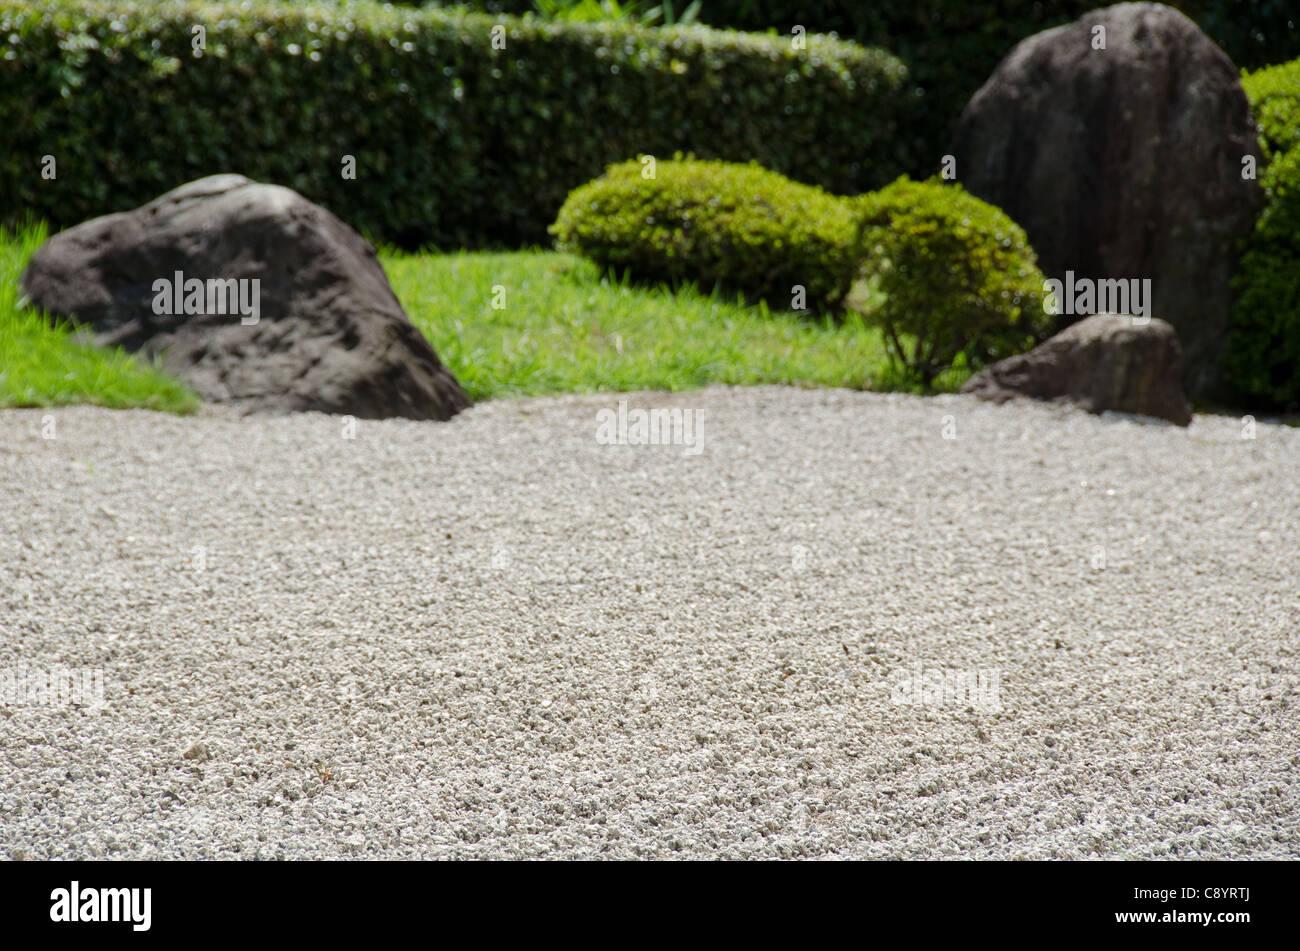 Stein Garten Des Zen Buddhismus In Japan Mit Kies Grosse Steine Und